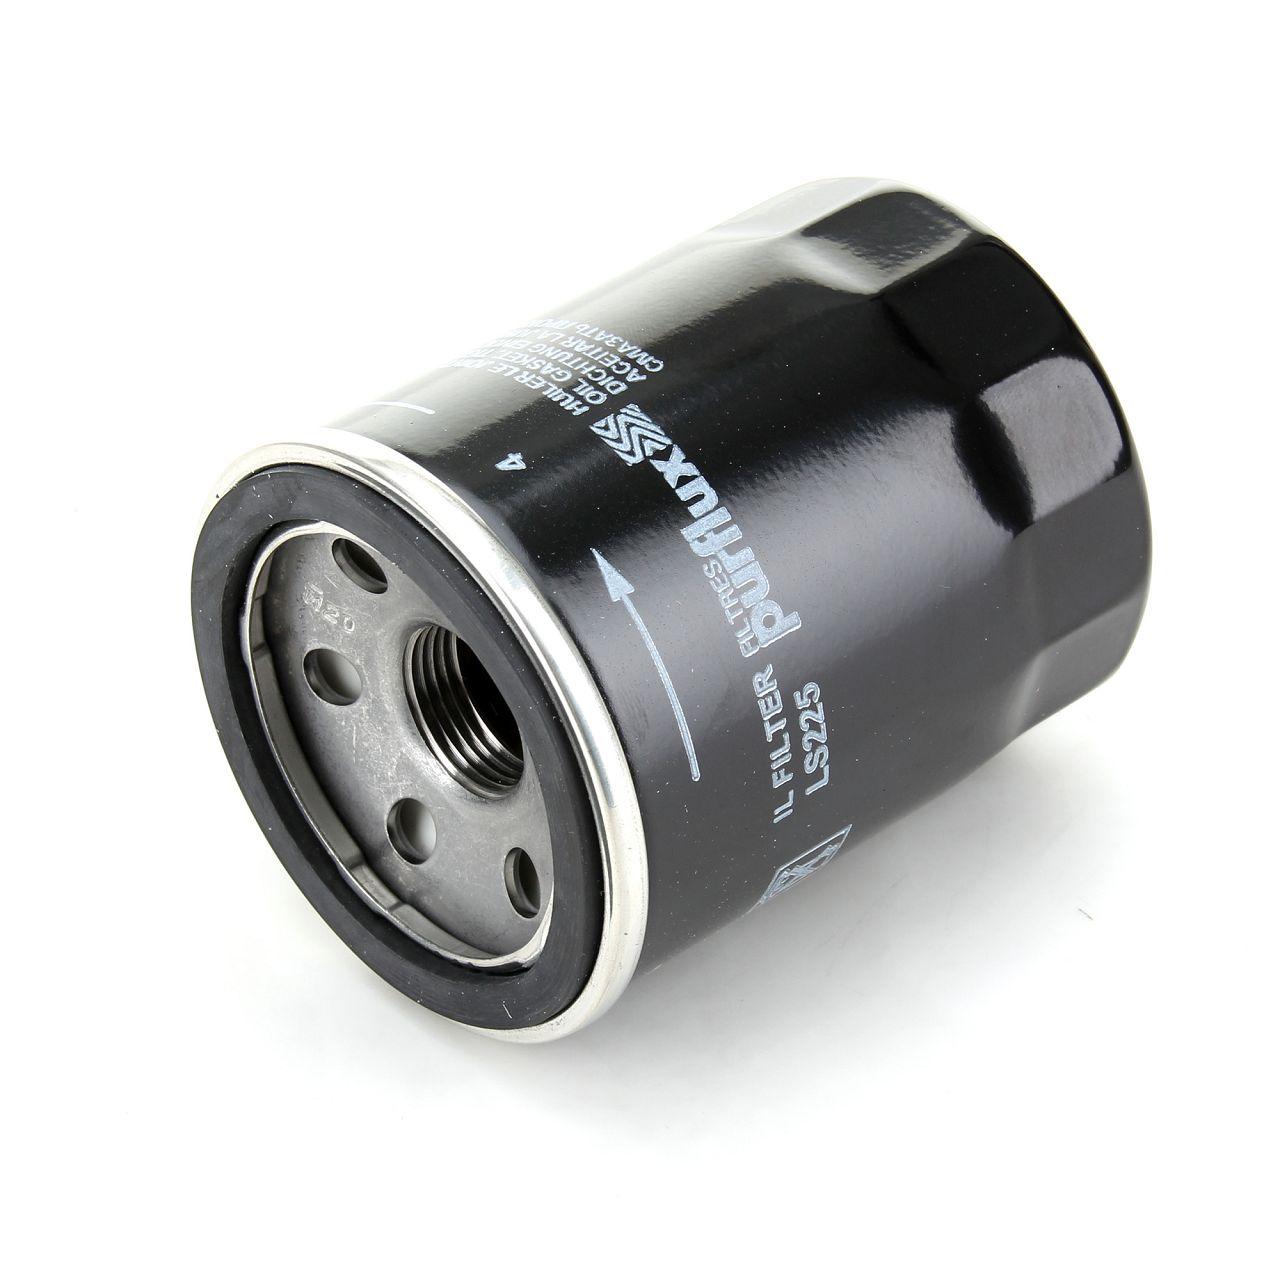 Inspektionskit Filterpaket Filterset für Opel Astra F 1.7TDS 82 PS ab 10.1995